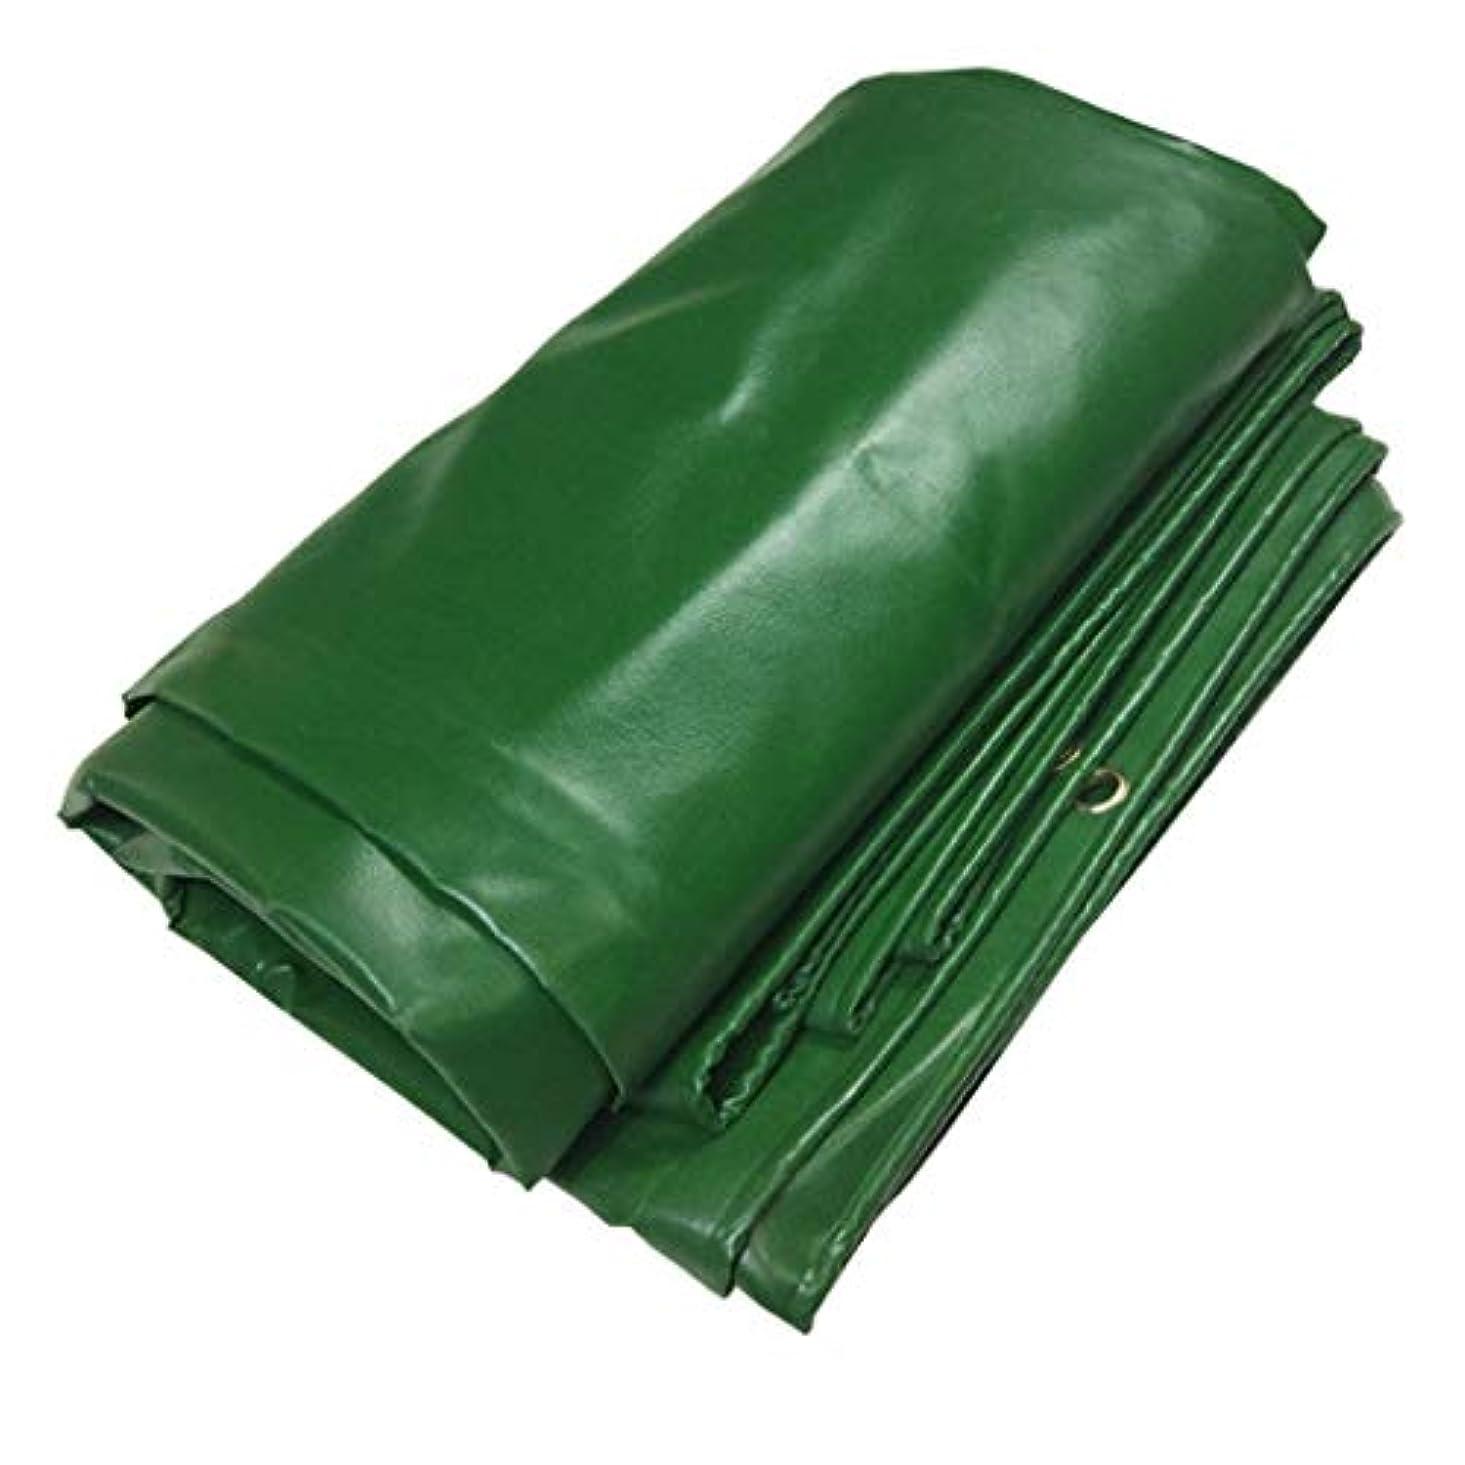 学習者もし告白ヘビーデューティビニールタープカバーグロメットと強化エッジ、インフレータブル、テント、および天候の保護のための16ミルの厚さの多目的ターポリン、グリーン (Size : 5X8m/13'x26')